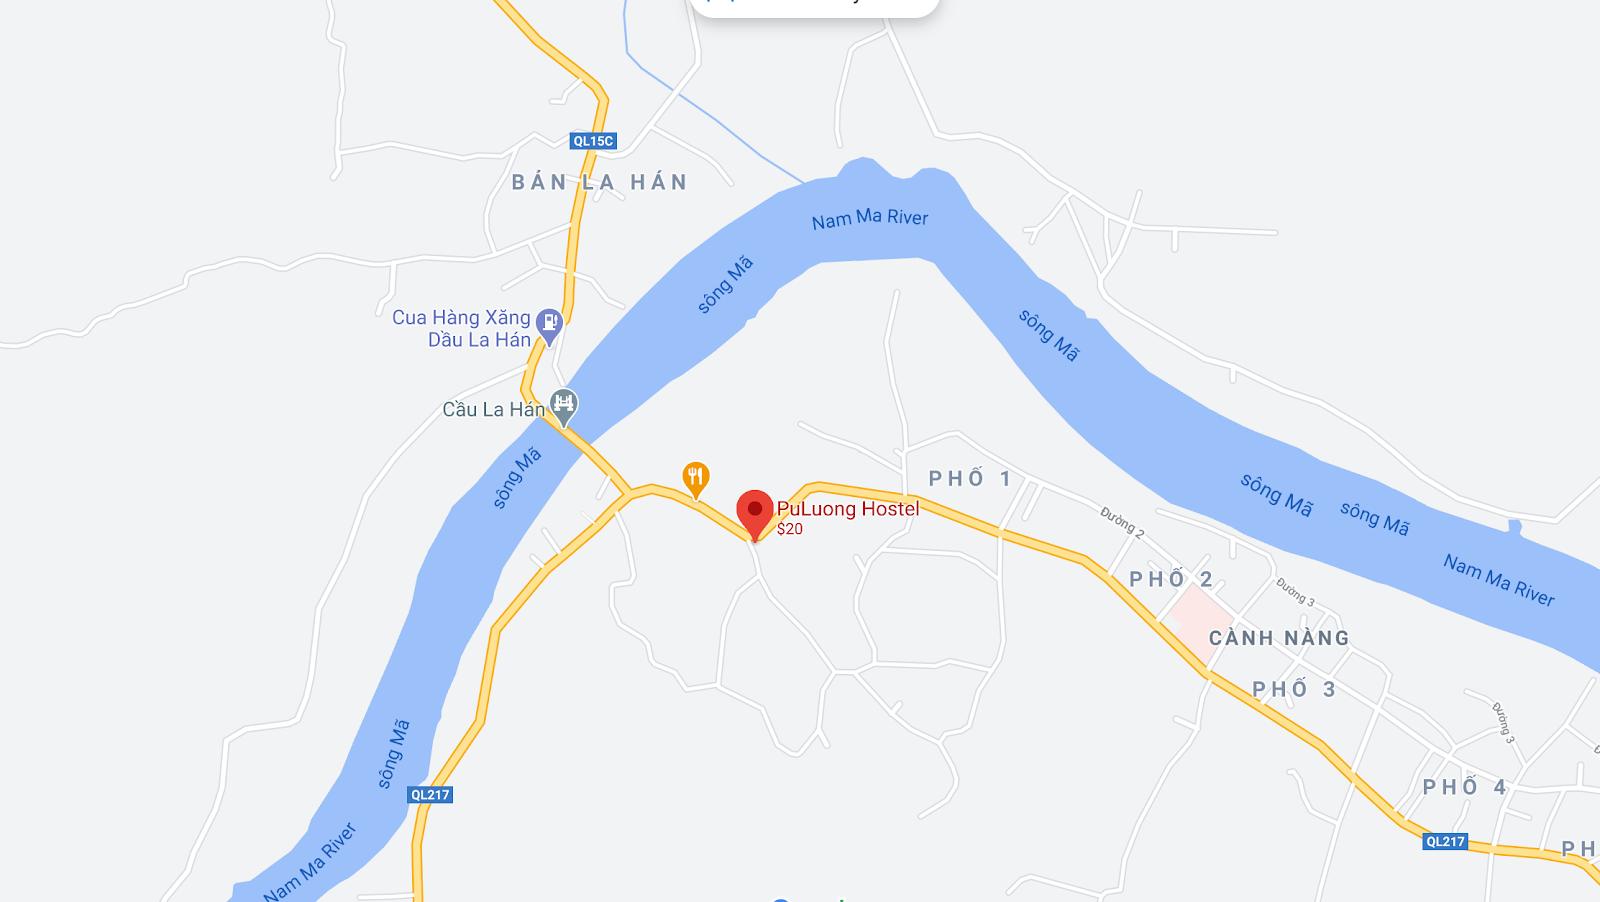 Địa điểm đón/trả khách tại Pù Luông - Pù Luông Hostel